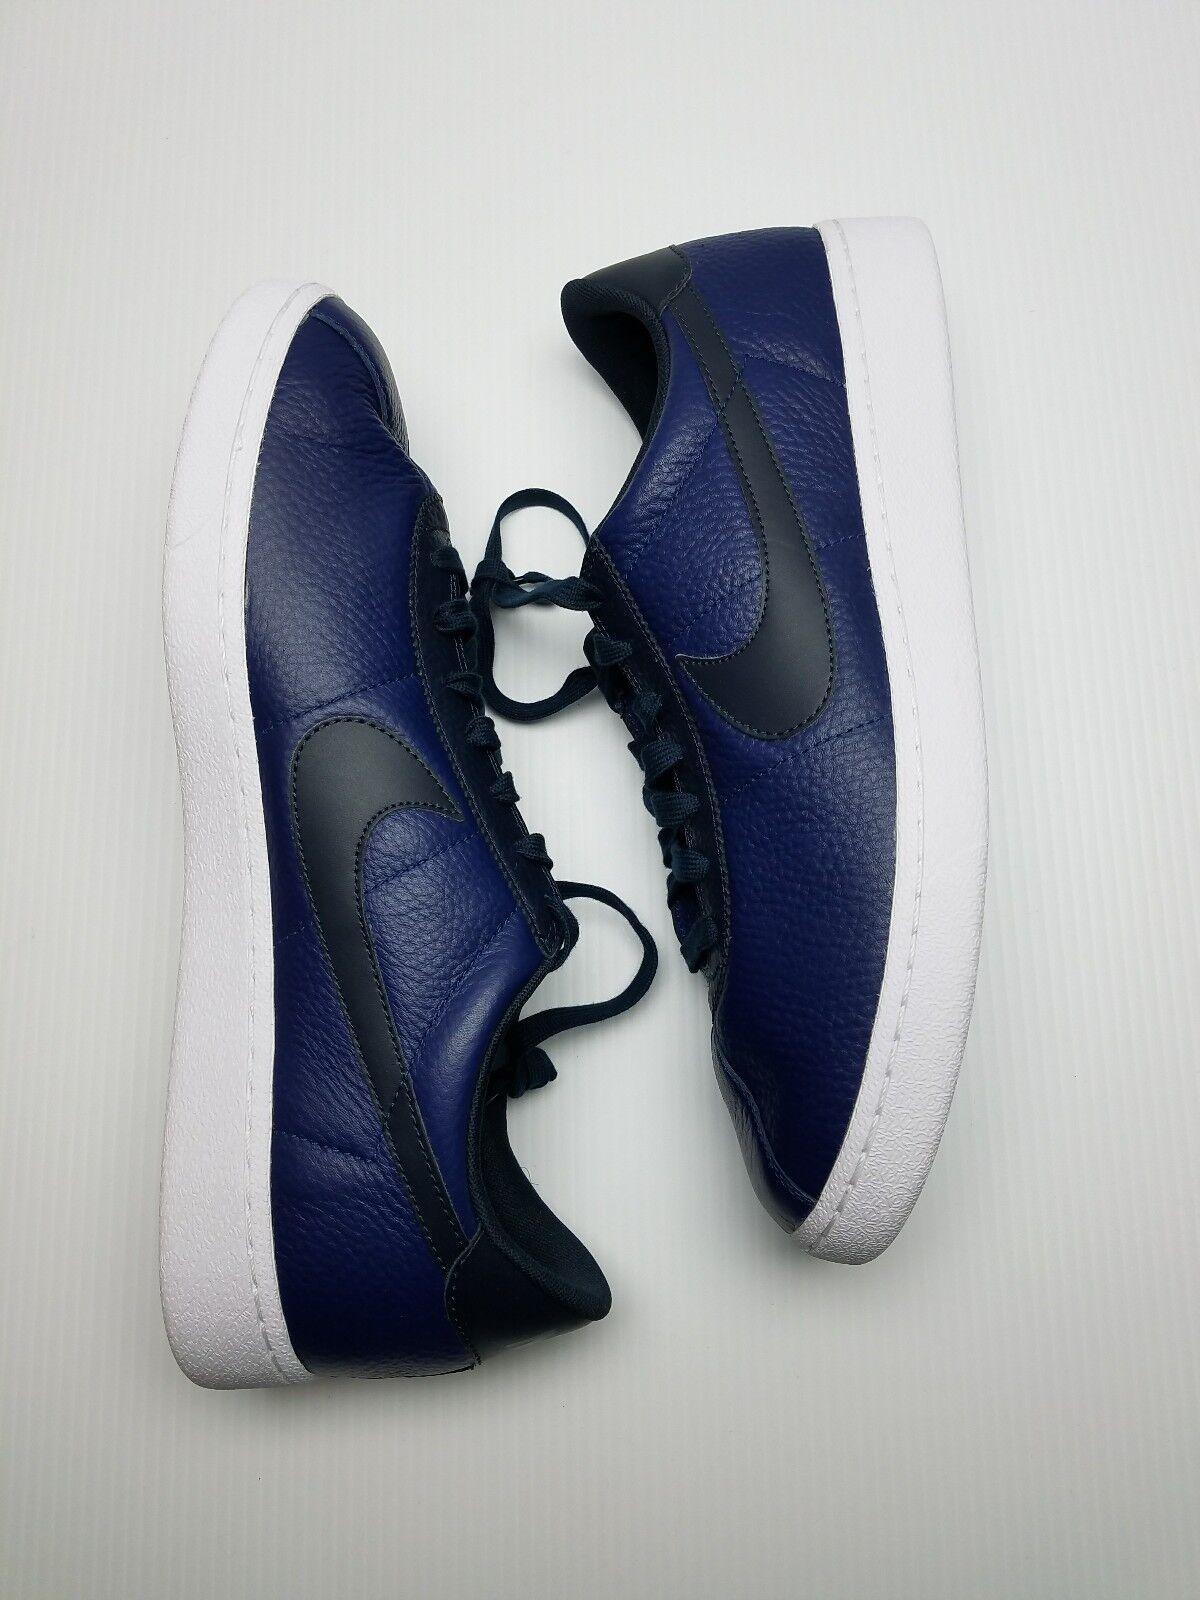 Men's Nike Bruin Leather shoes NEW Dark Obsidian   Black   White , MSRP 100Navy